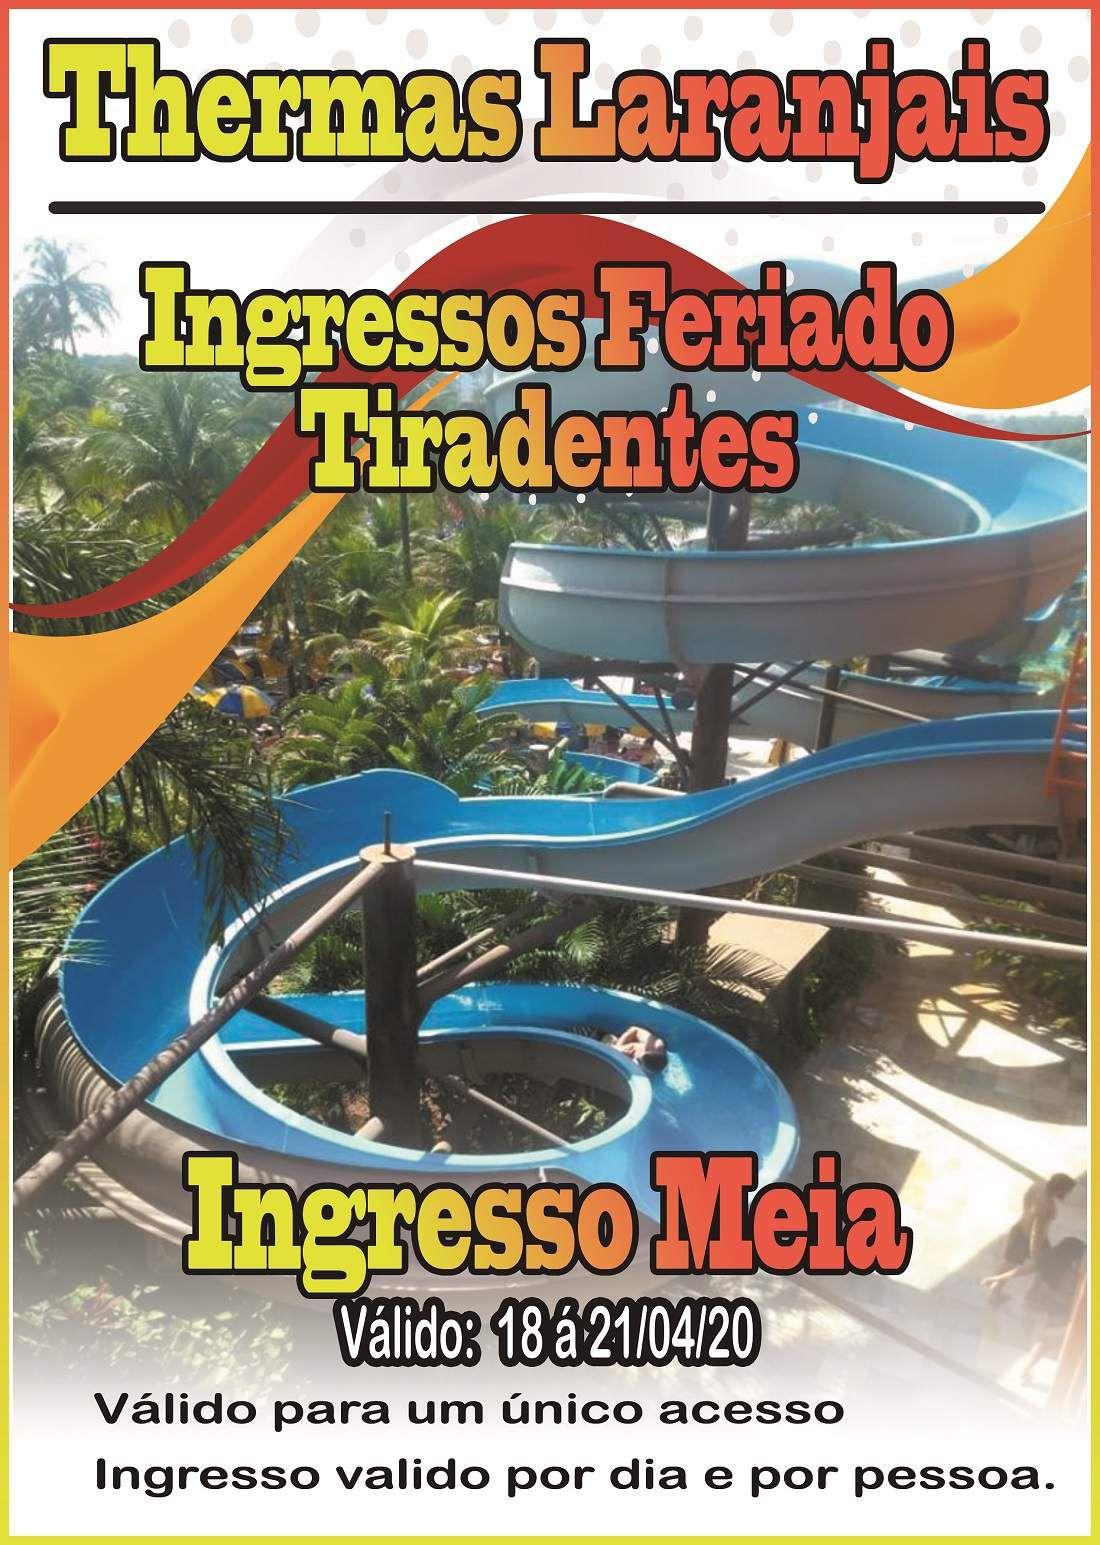 Ingresso Meia - Tiradentes - Thermas dos Laranjais  - Thermas Fácil